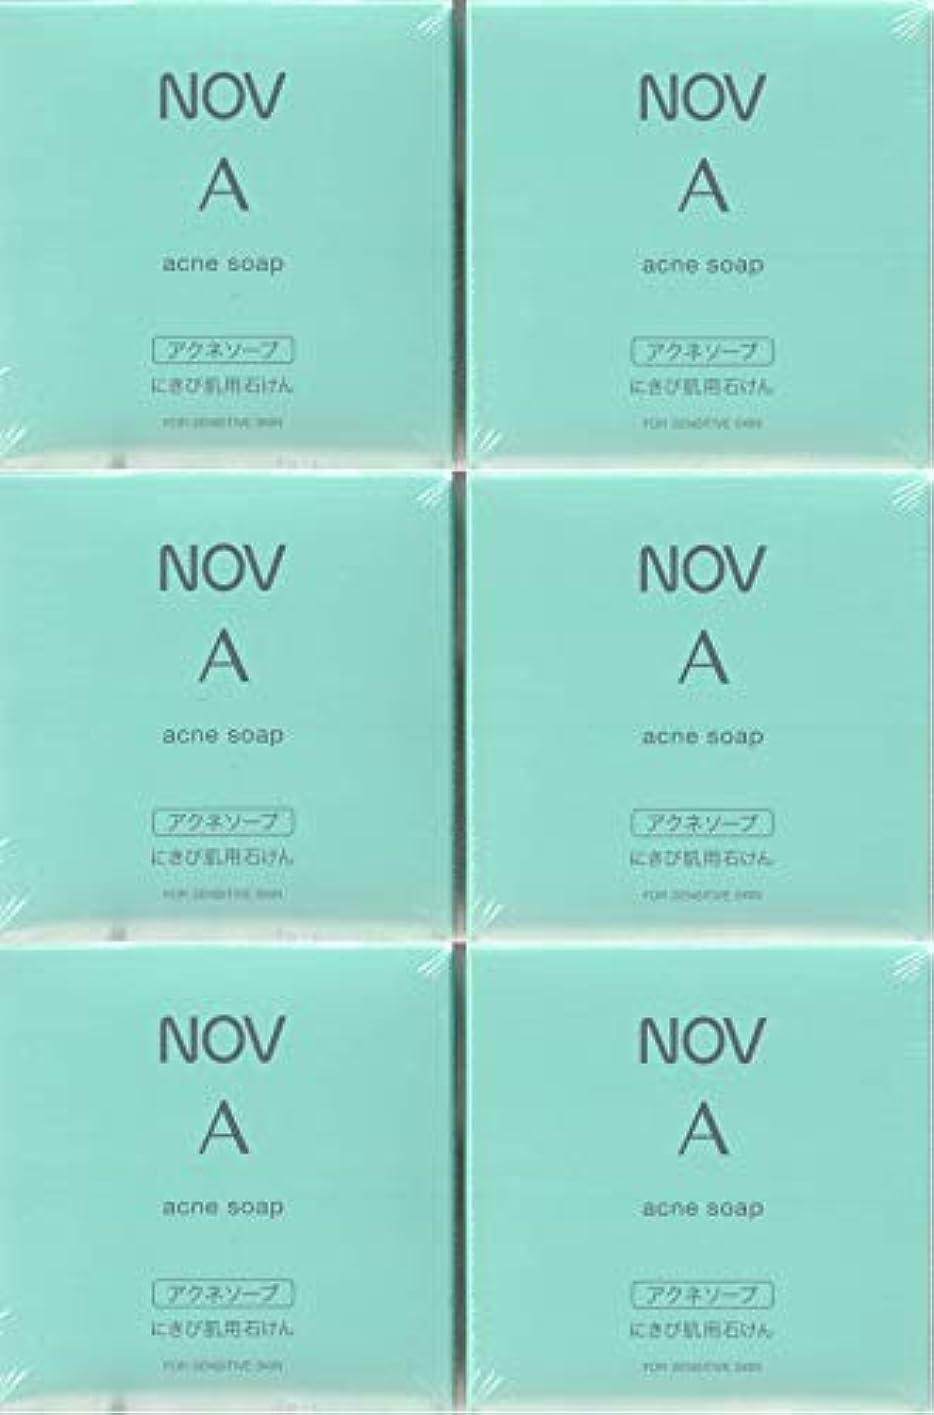 ナサニエル区引き渡すぴったりノブ A アクネソープ 70g×6箱セット <にきび肌用枠練石けん>